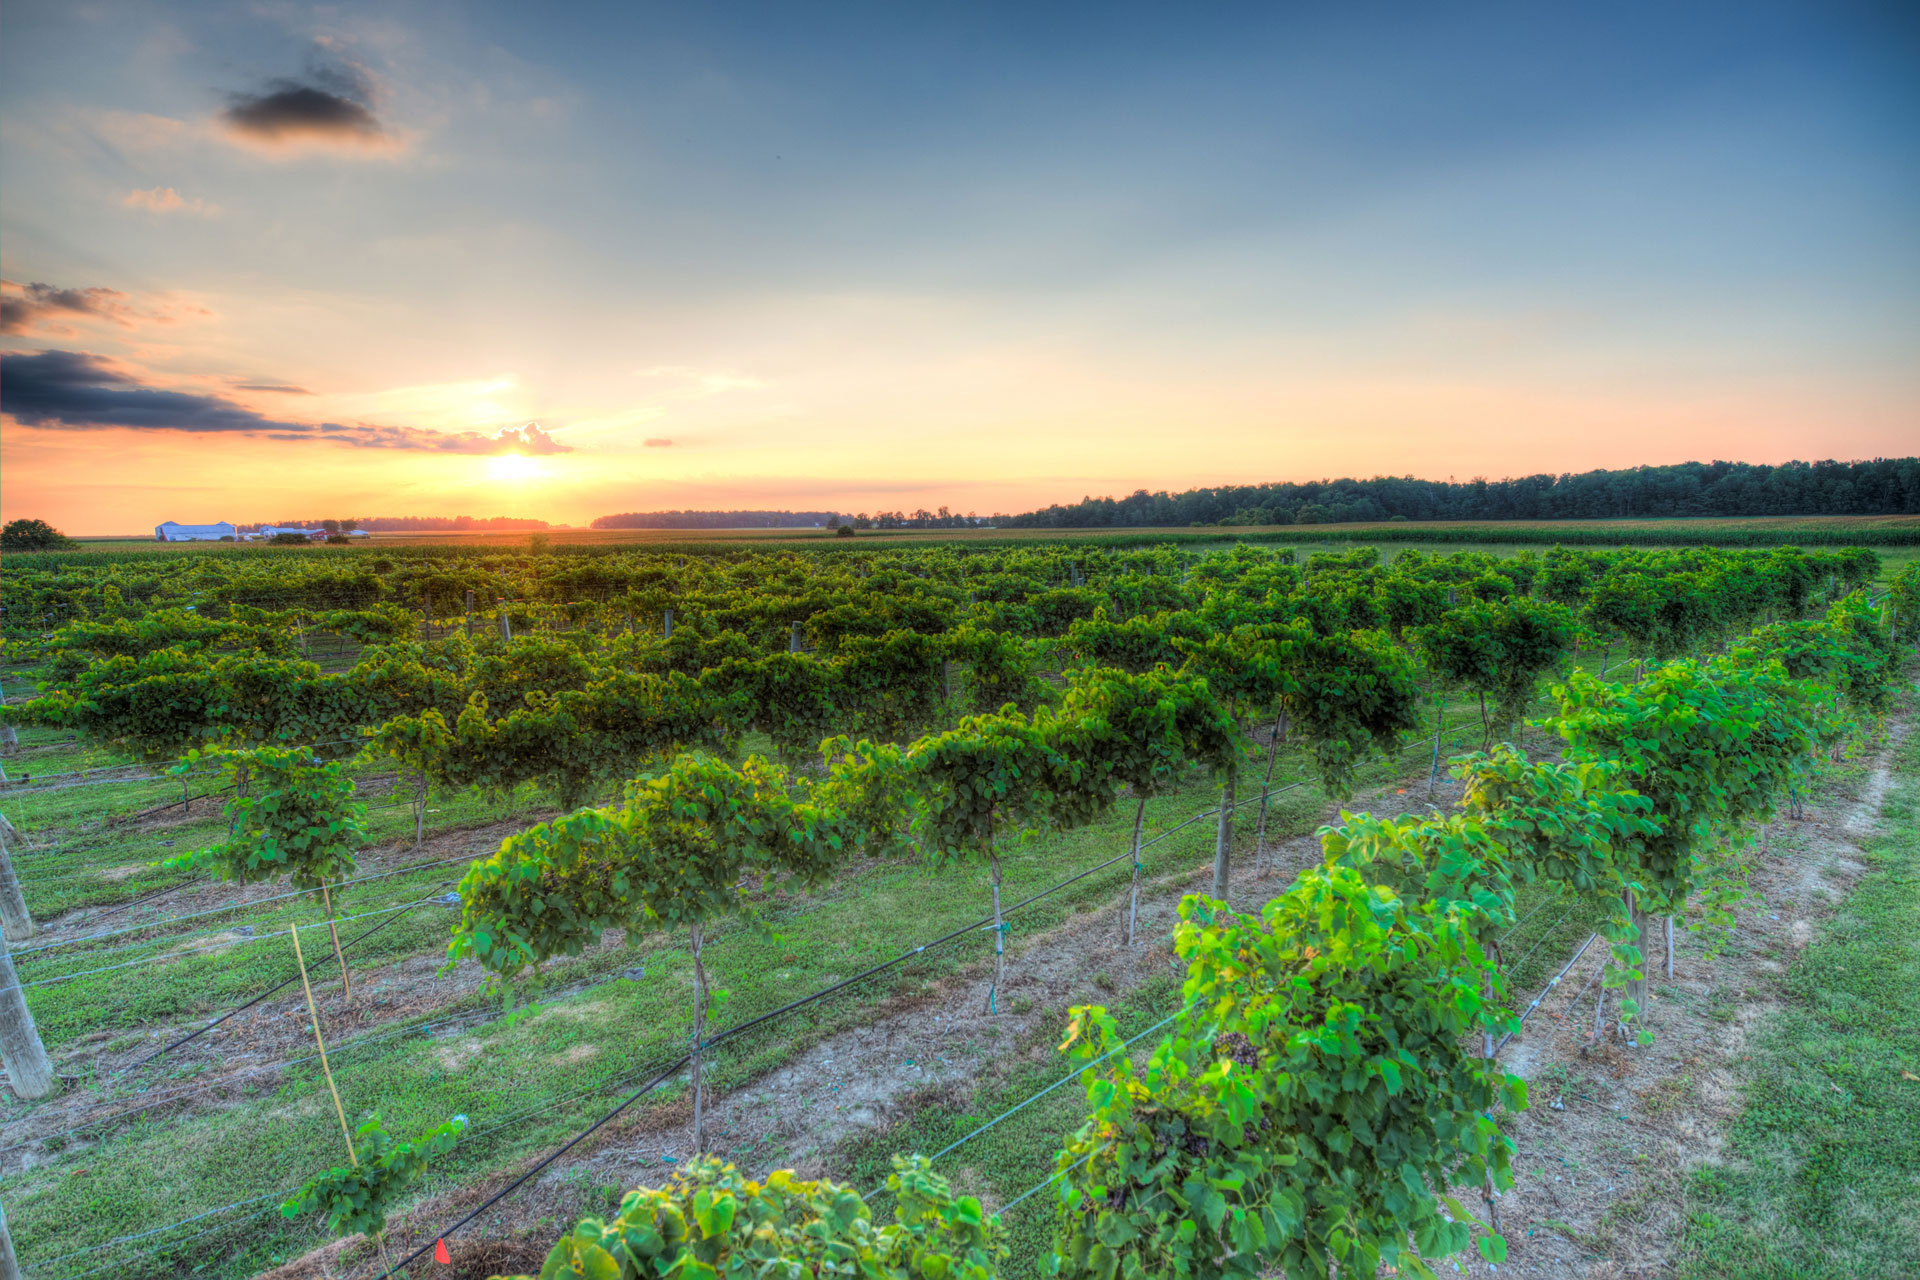 Winery at Versailles - Versailles vineyard at sunset